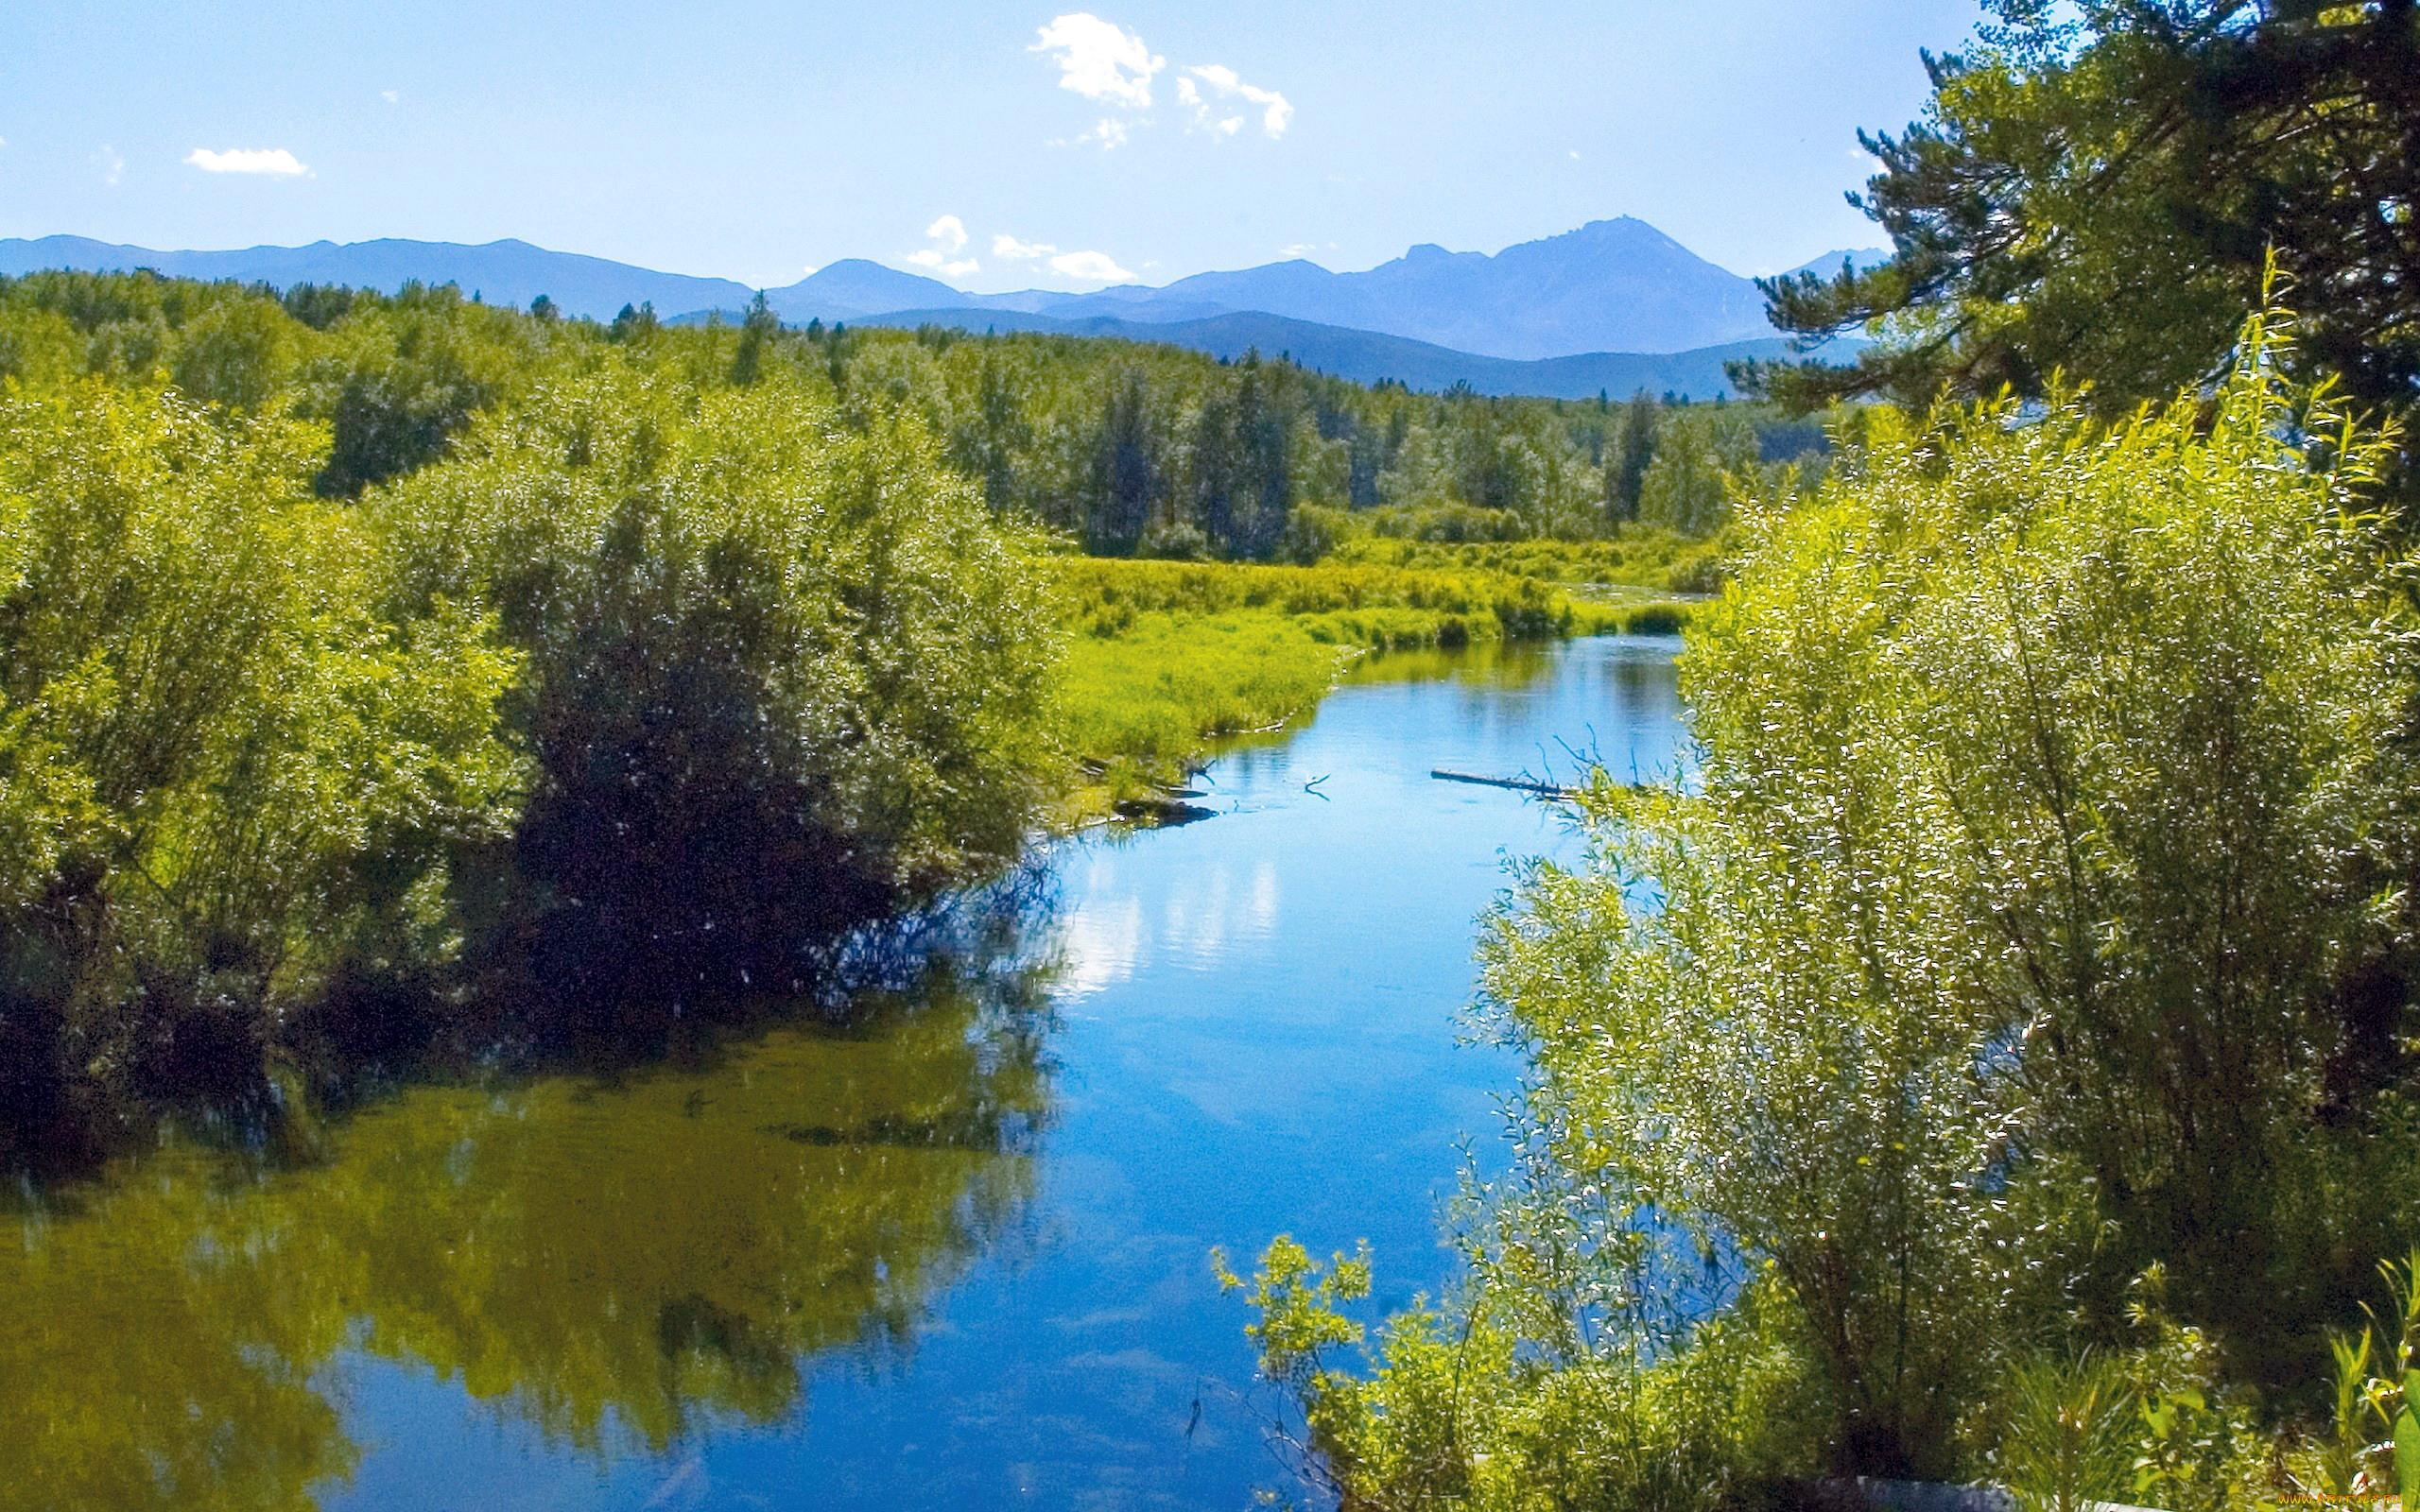 Картинки реки и озера алтайского края